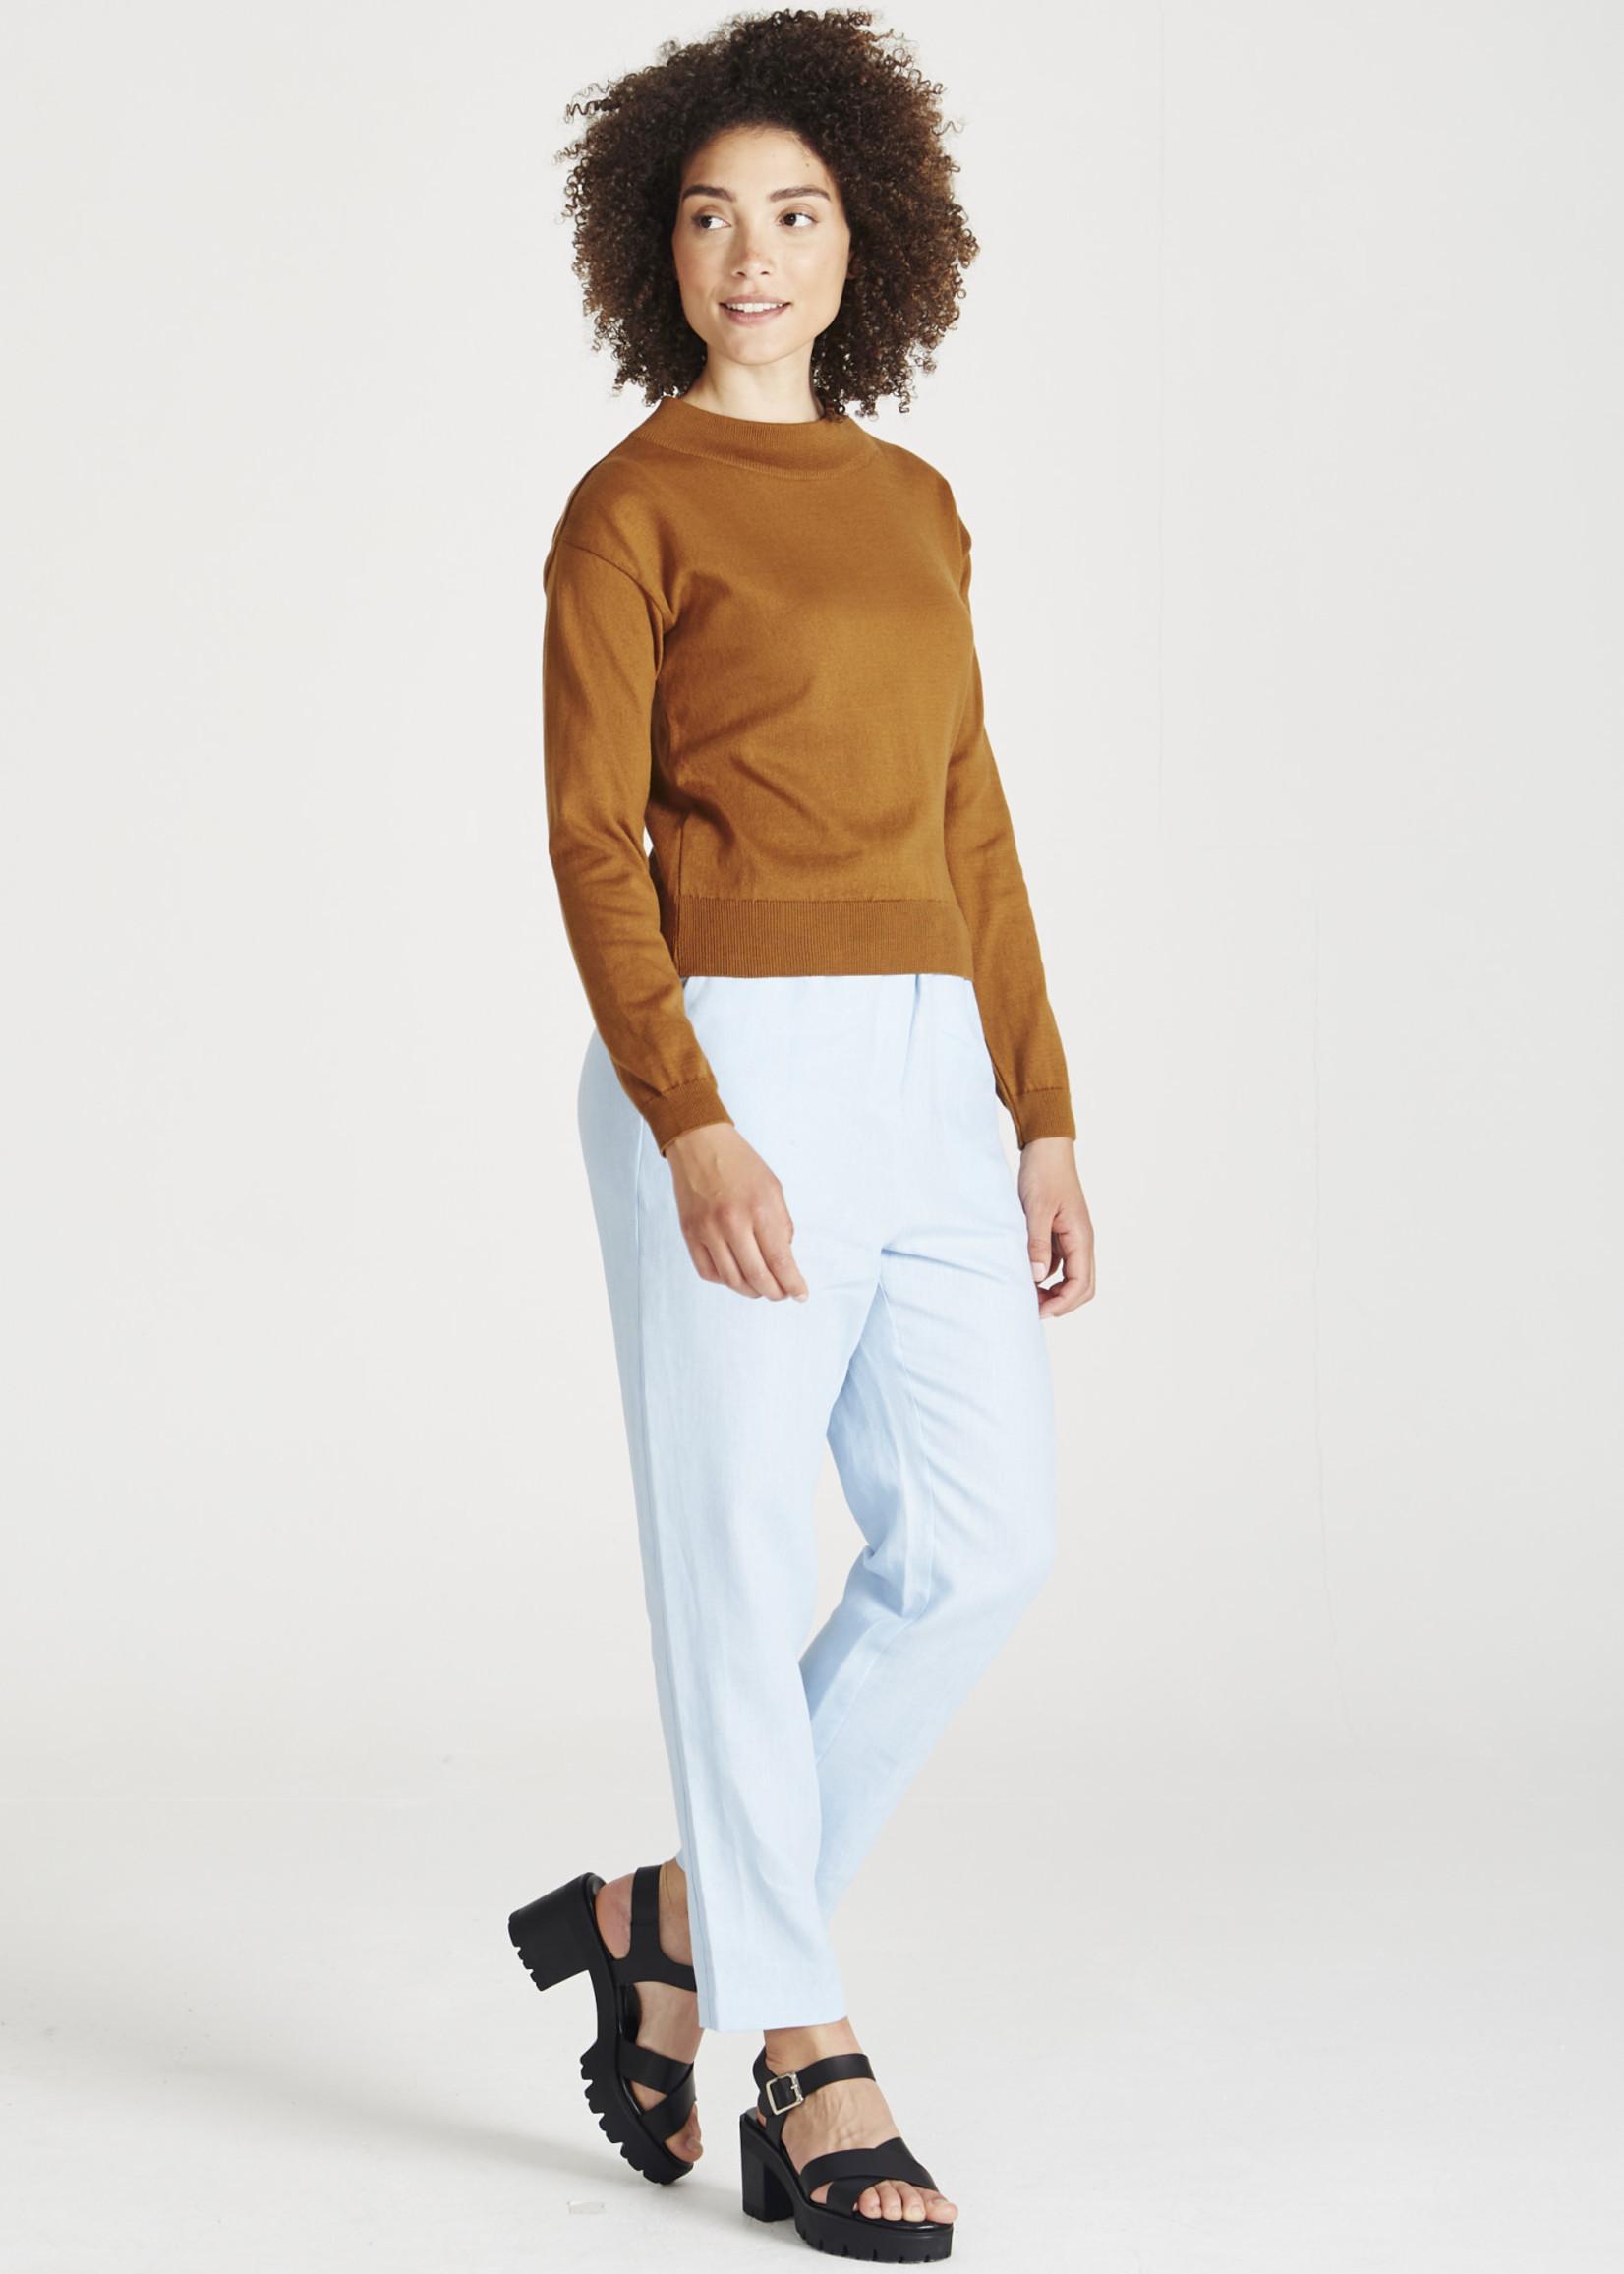 Givn Sabrina Sweater